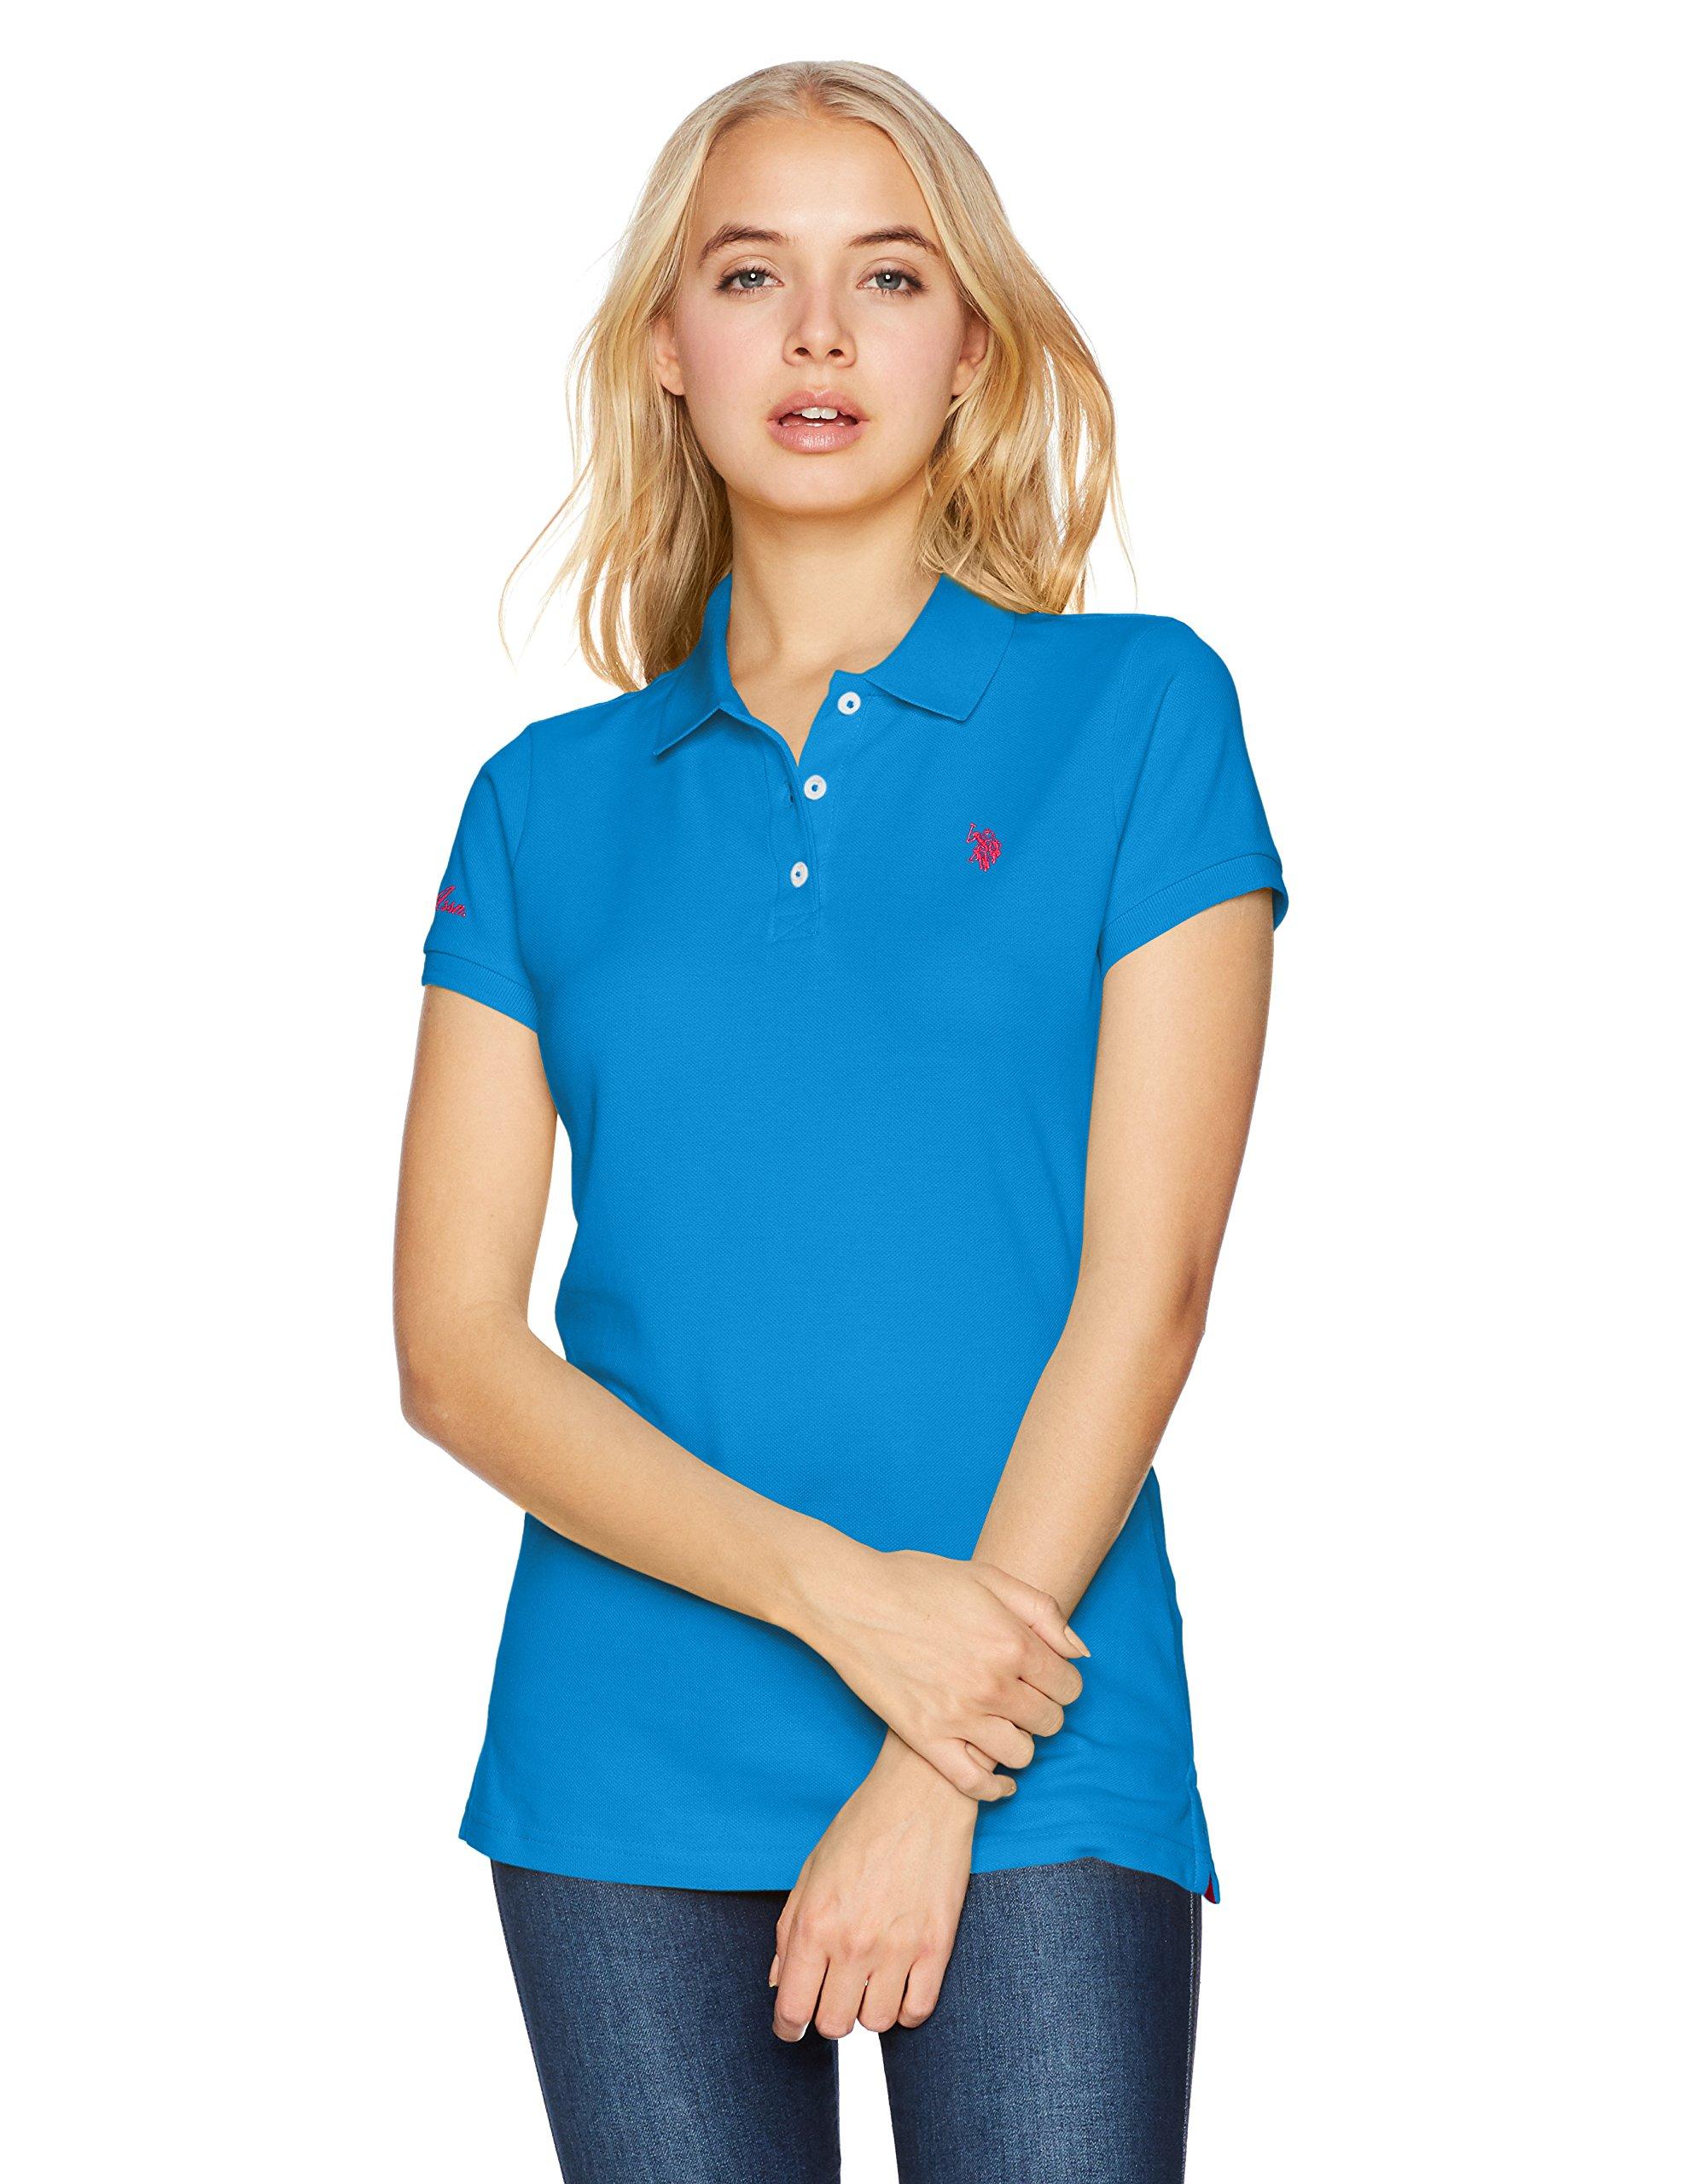 U.S. Polo Assn. Women's Solid Pique Polo Shirt